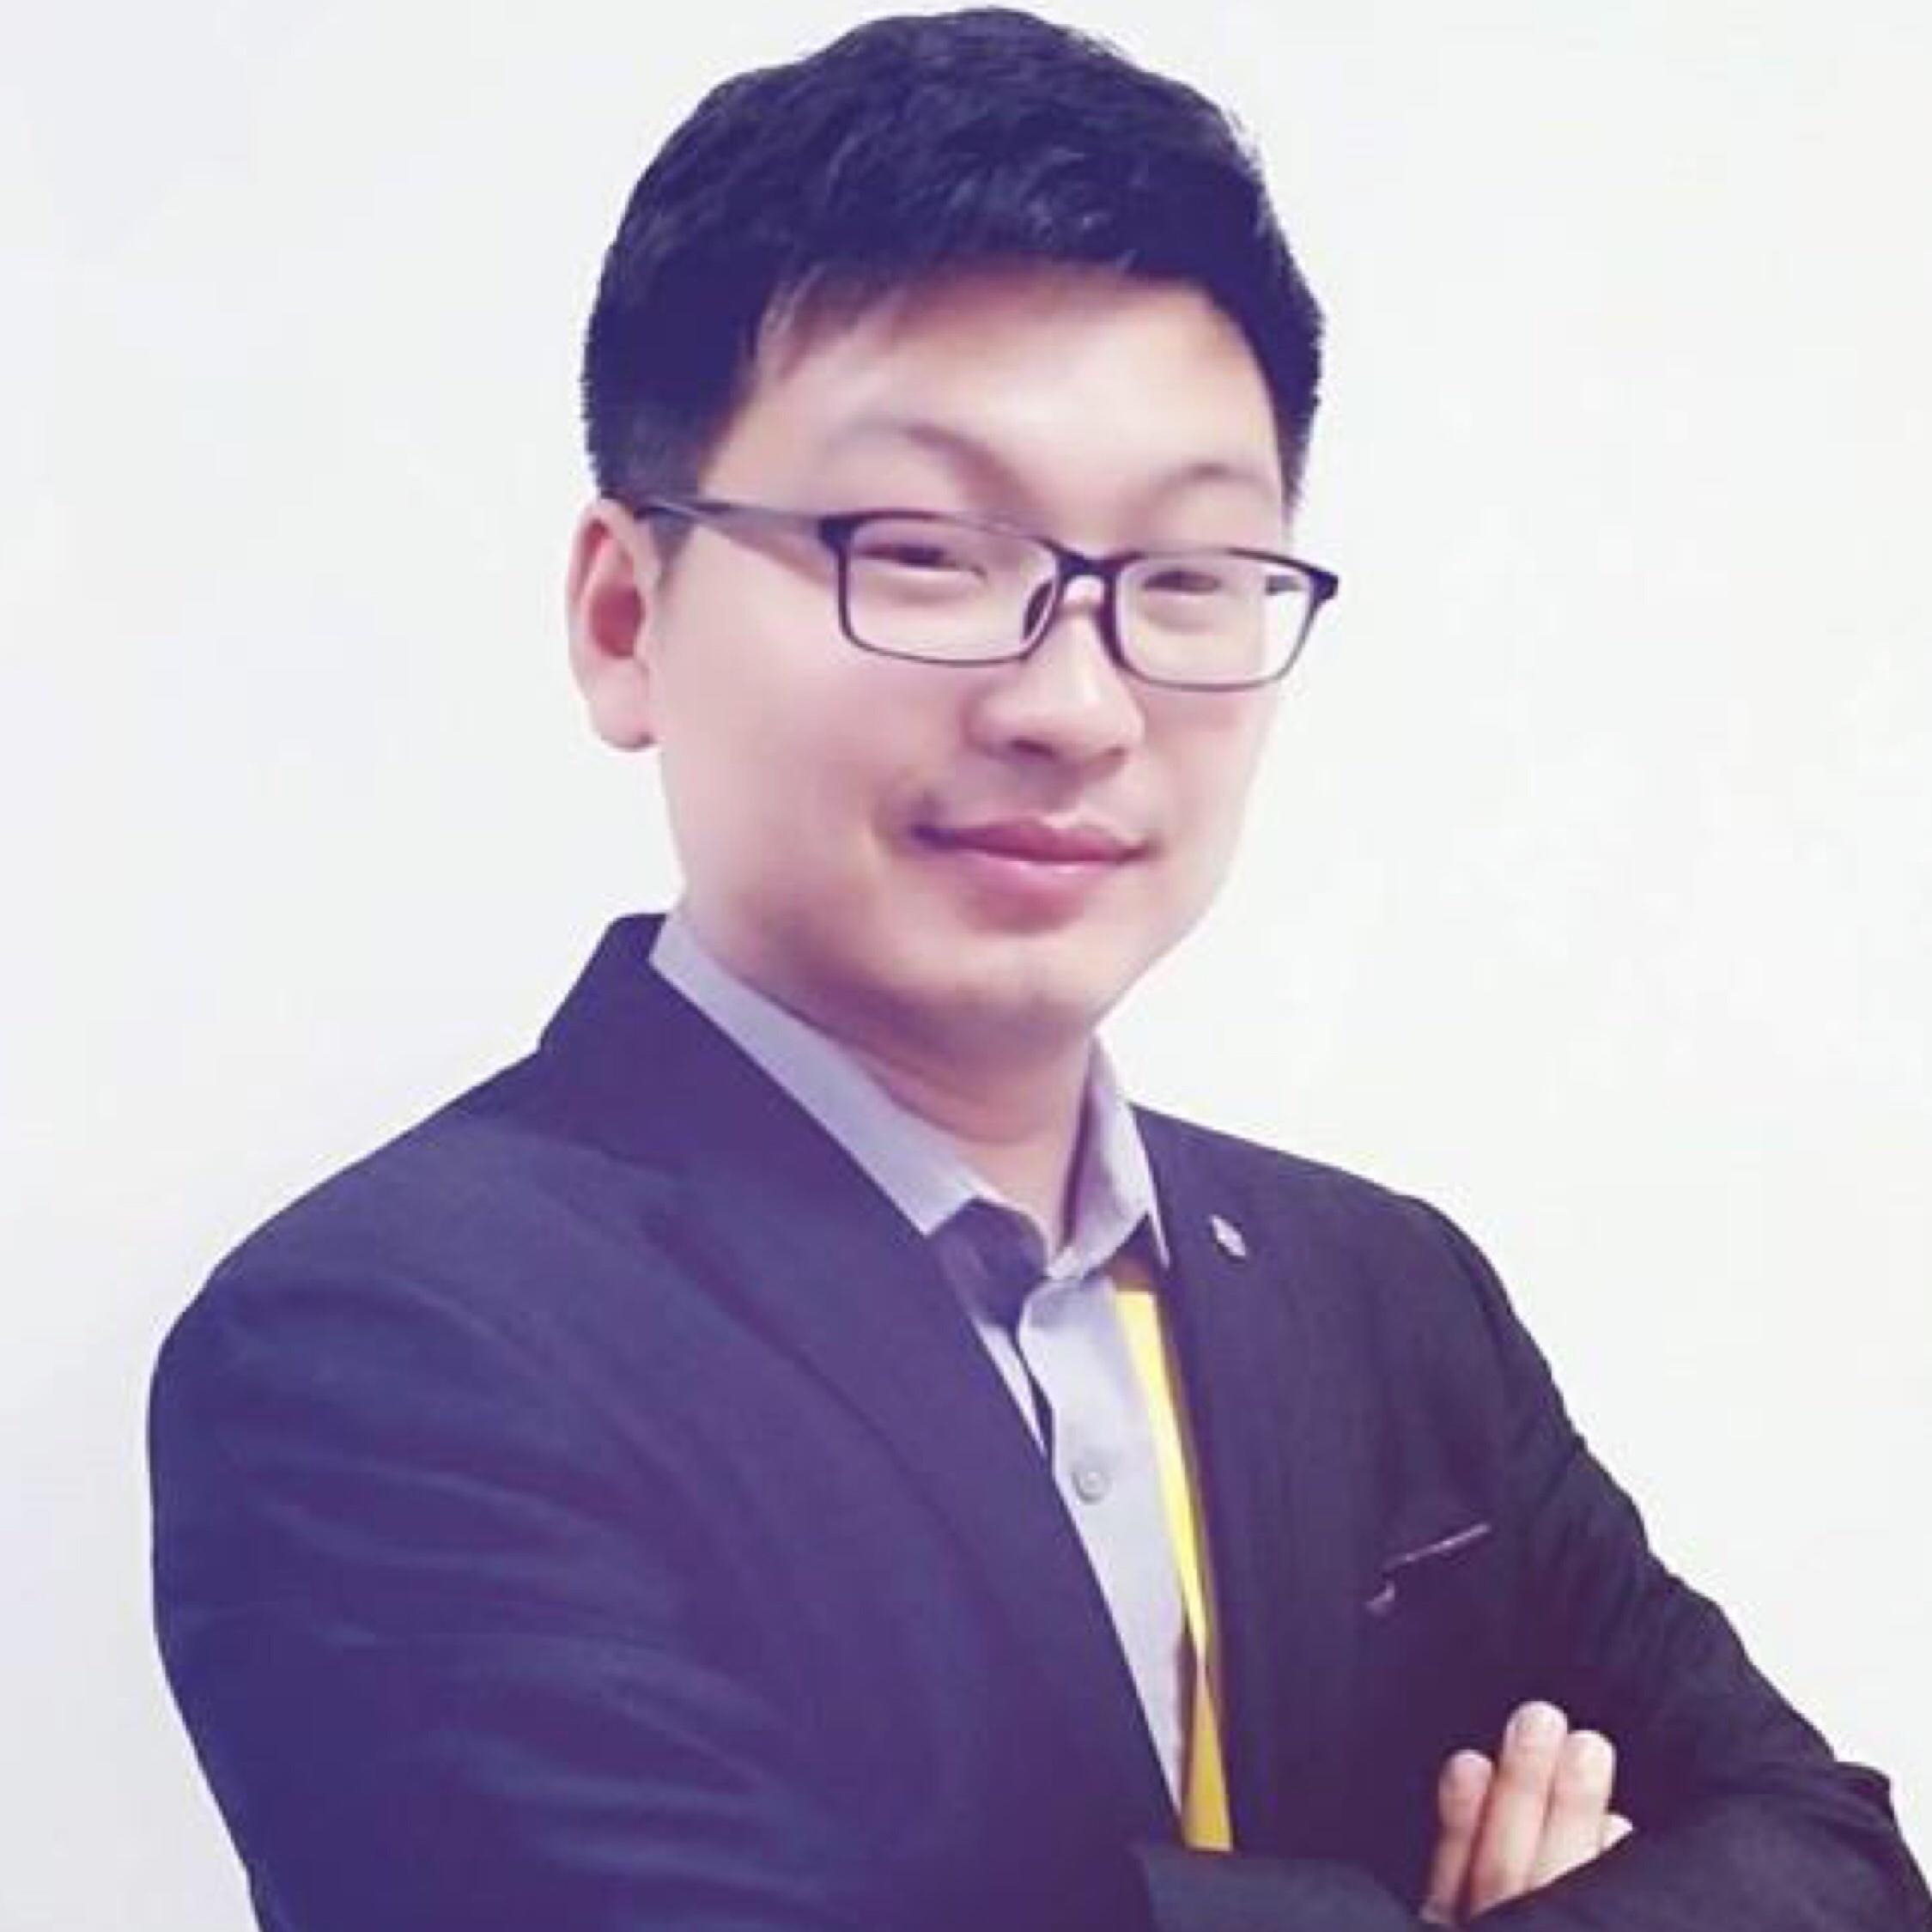 ChoosingJiang